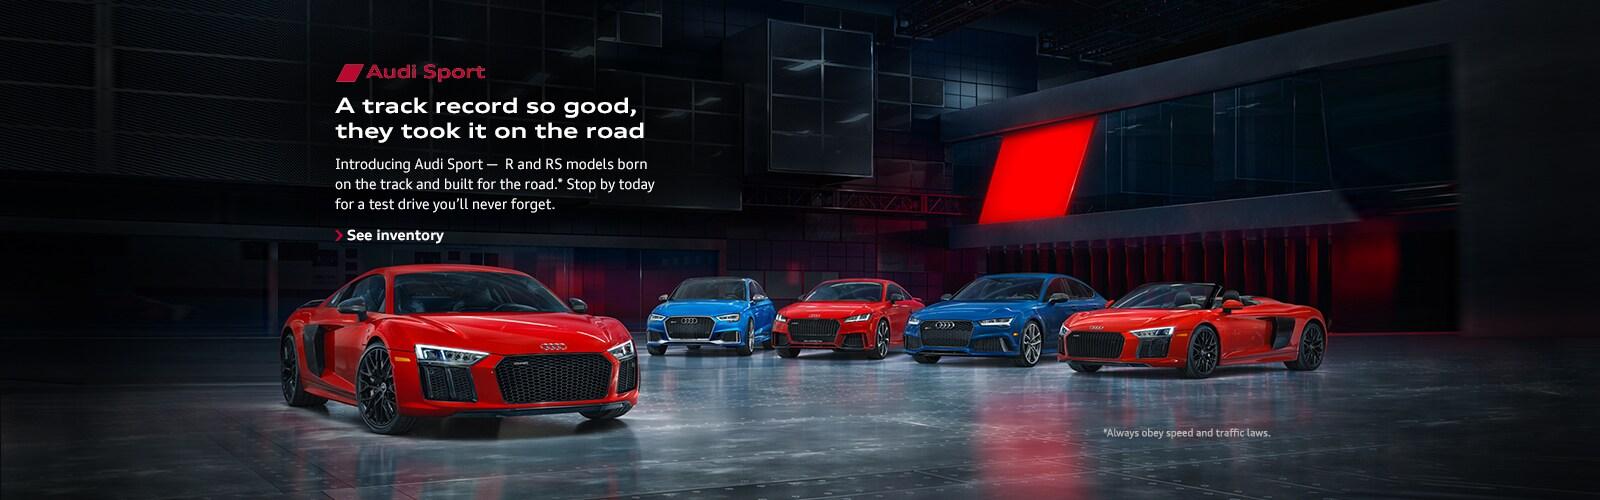 Audi Stevens Creek New Audi Dealership In San Jose CA - Audi car sign